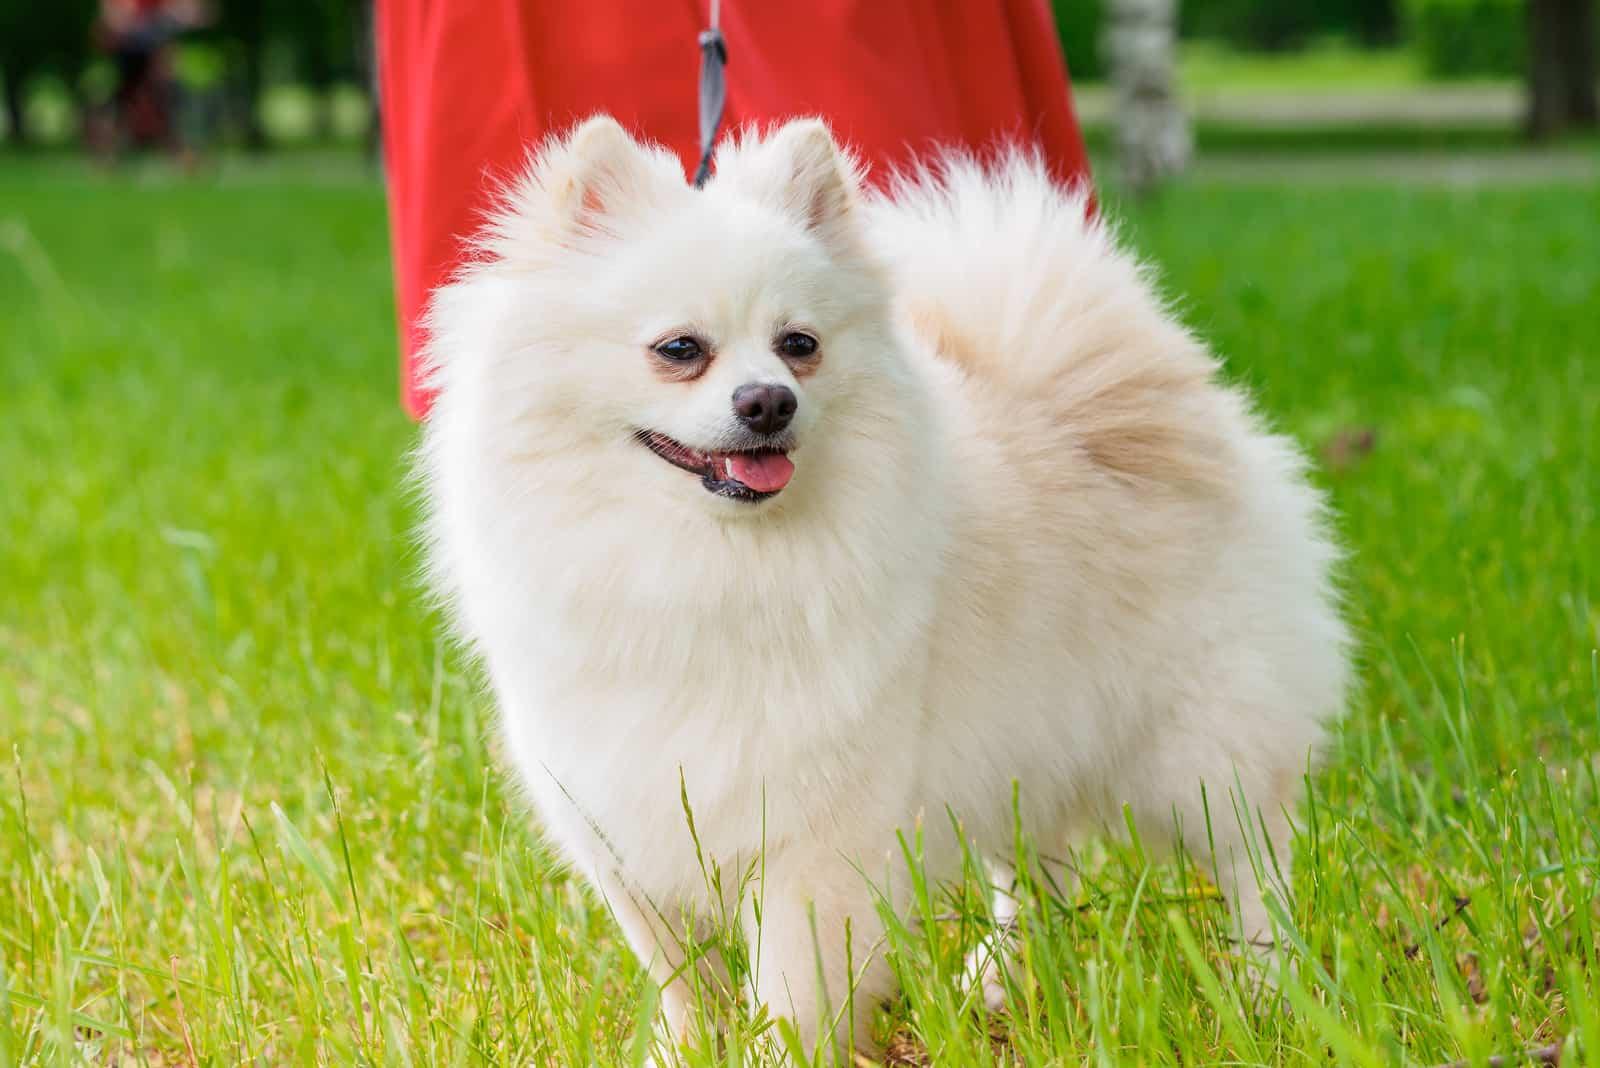 Der Hund steht auf dem grünen Gras